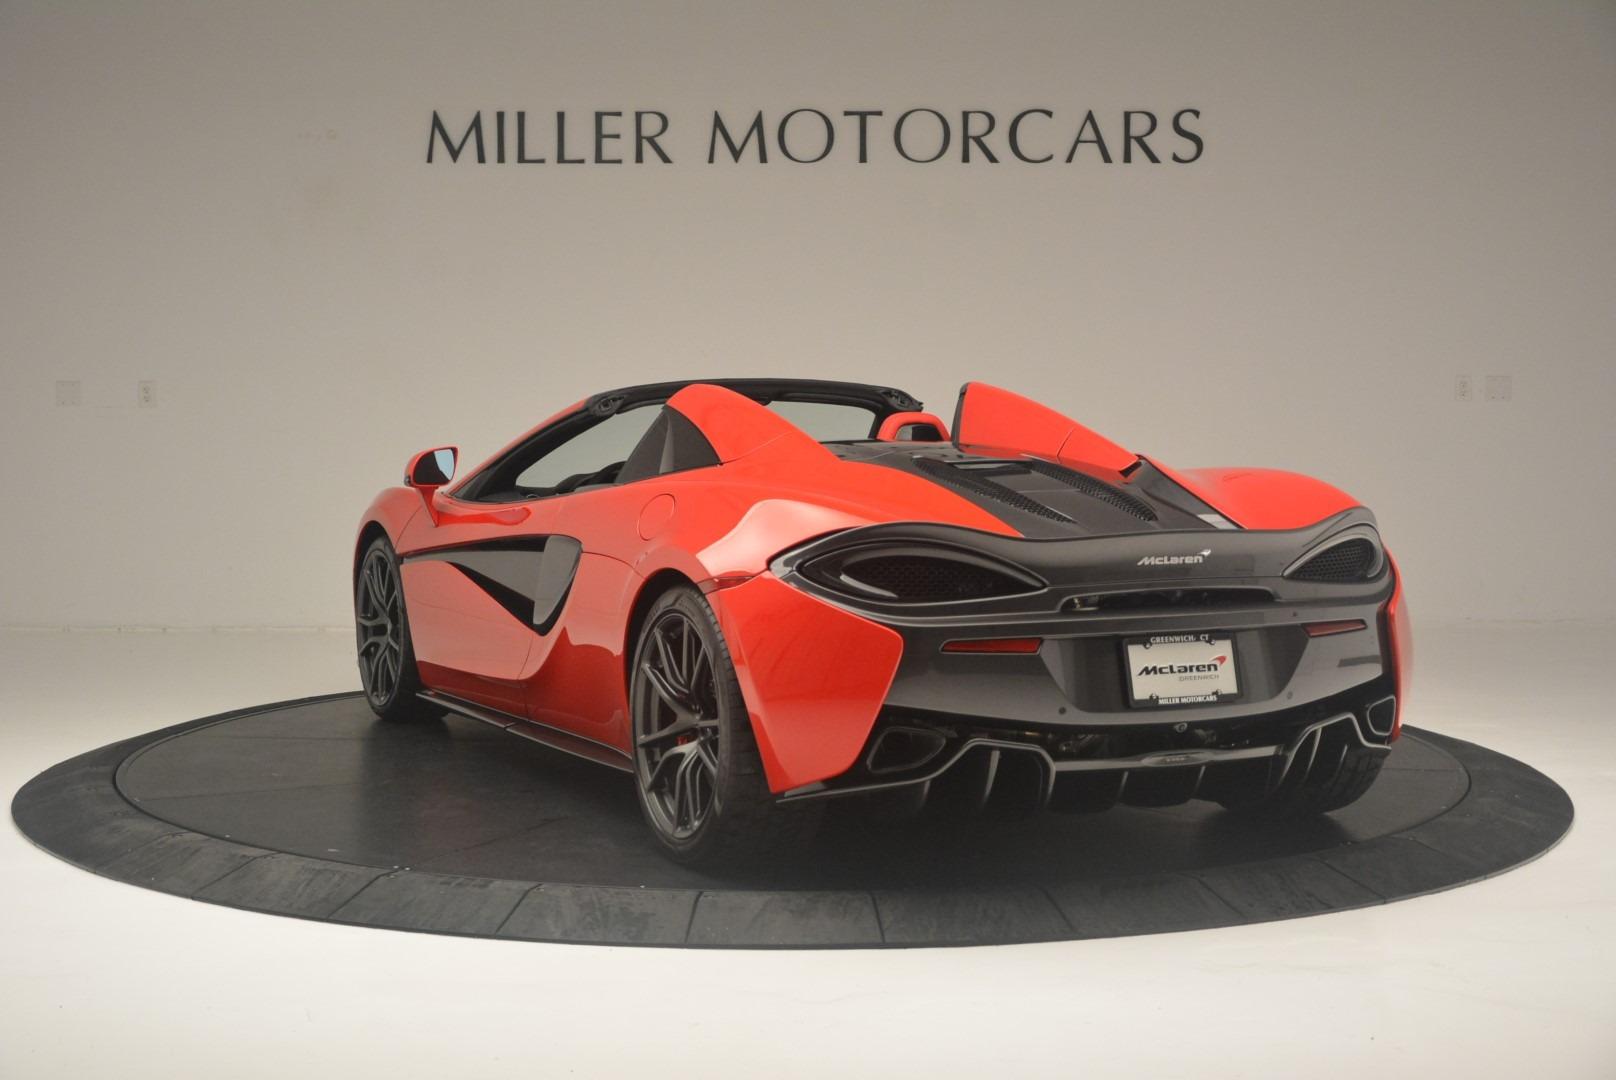 New 2019 McLaren 570S Spider Convertible For Sale In Westport, CT 2564_p5